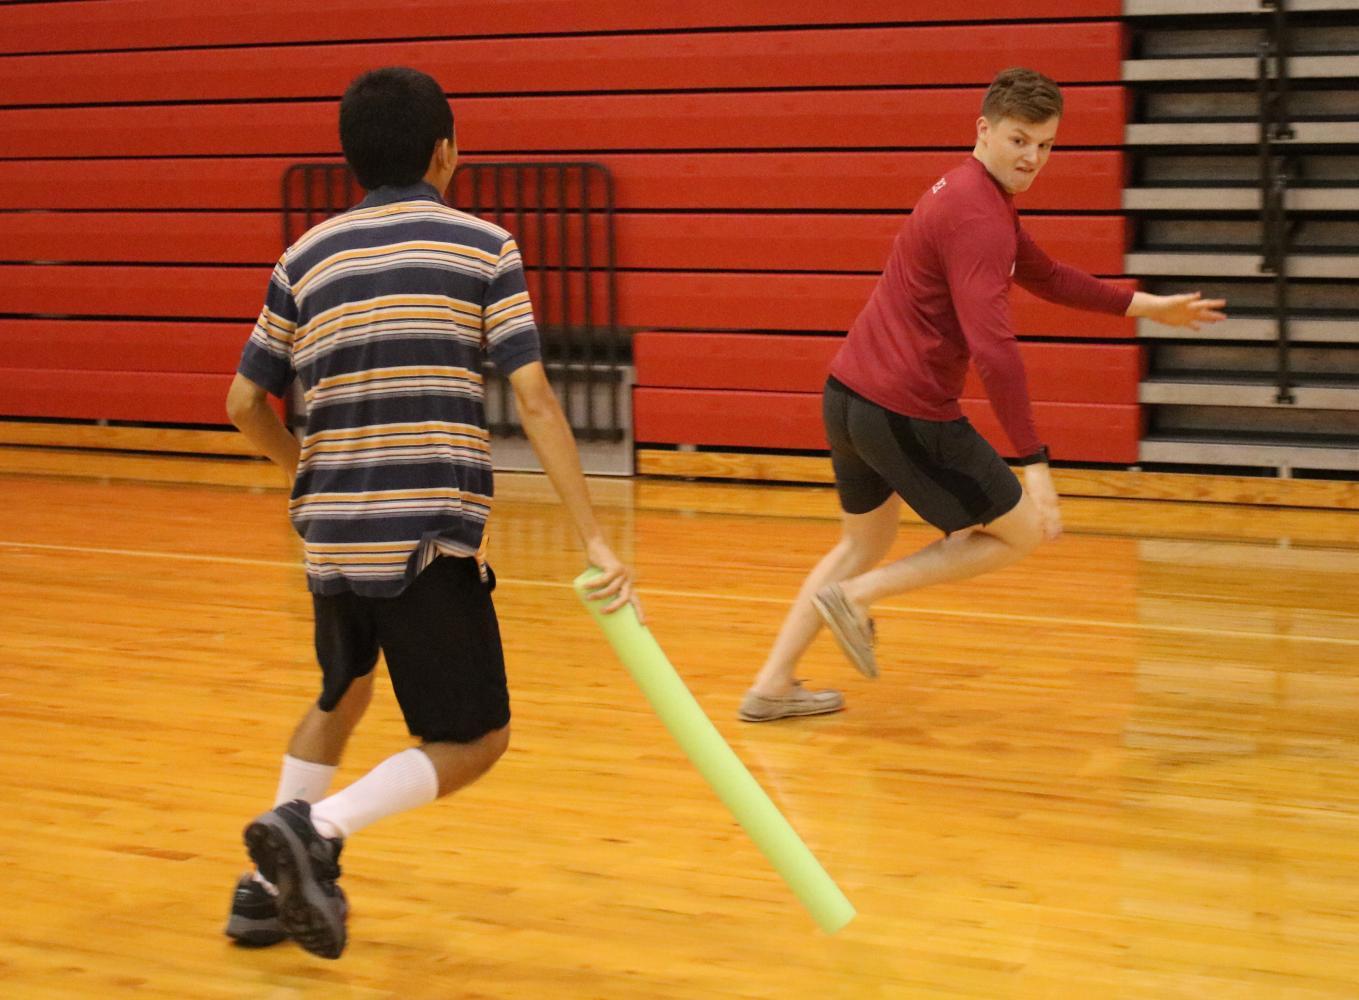 Junior+Jeremiah+Long+chases+senior+Peyton+Dunman.